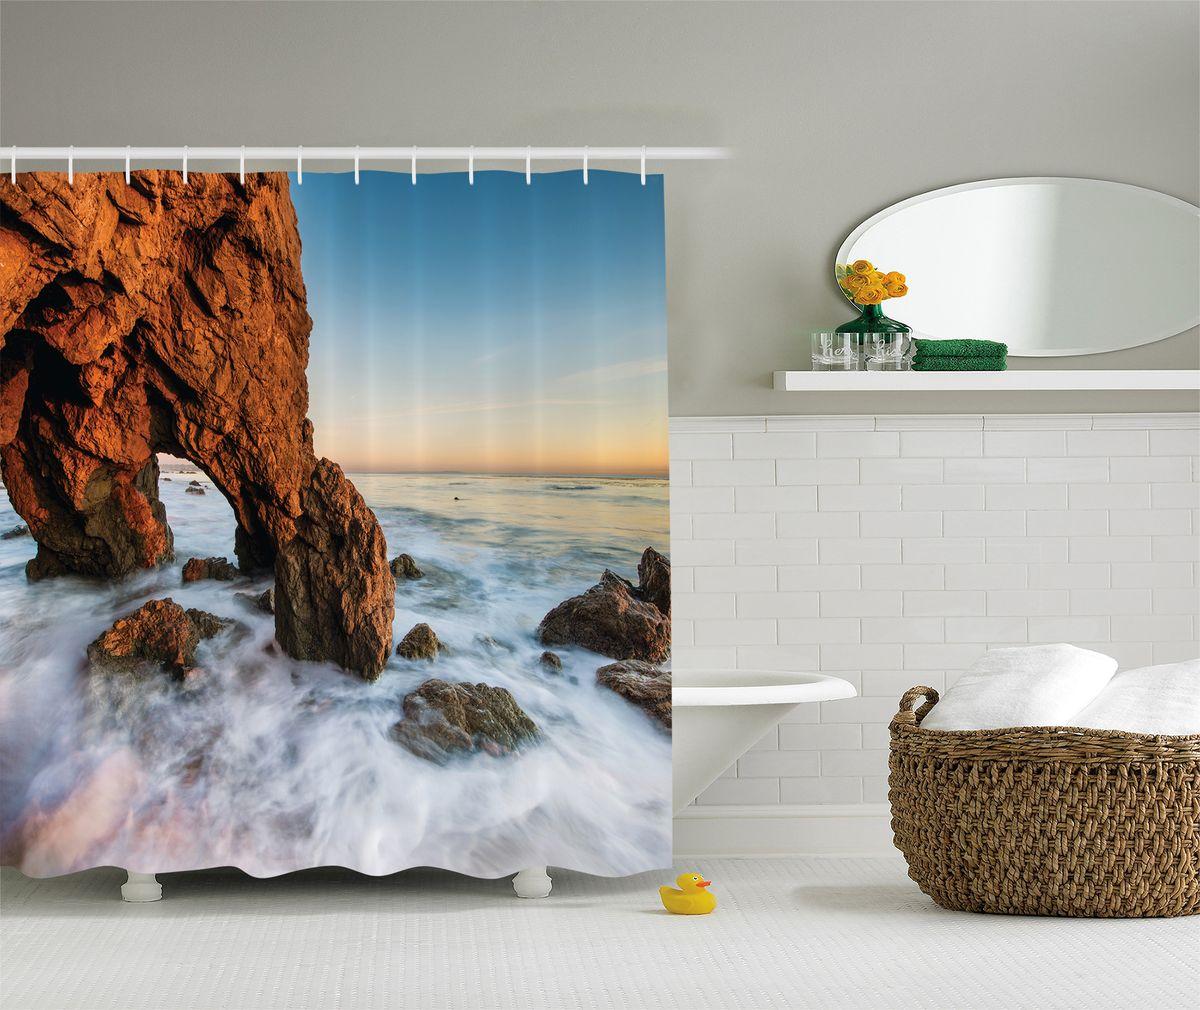 Штора для ванной комнаты Magic Lady Скала в пенном море, 180 х 200 см25051 7_желтыйШтора Magic Lady Скала в пенном море, изготовленная из высококачественного сатена (полиэстер 100%), отлично дополнит любой интерьер ванной комнаты. При изготовлении используются специальные гипоаллергенные чернила для прямой печати по ткани, безопасные для человека.В комплекте: 1 штора, 12 крючков. Обращаем ваше внимание, фактический цвет изделия может незначительно отличаться от представленного на фото.